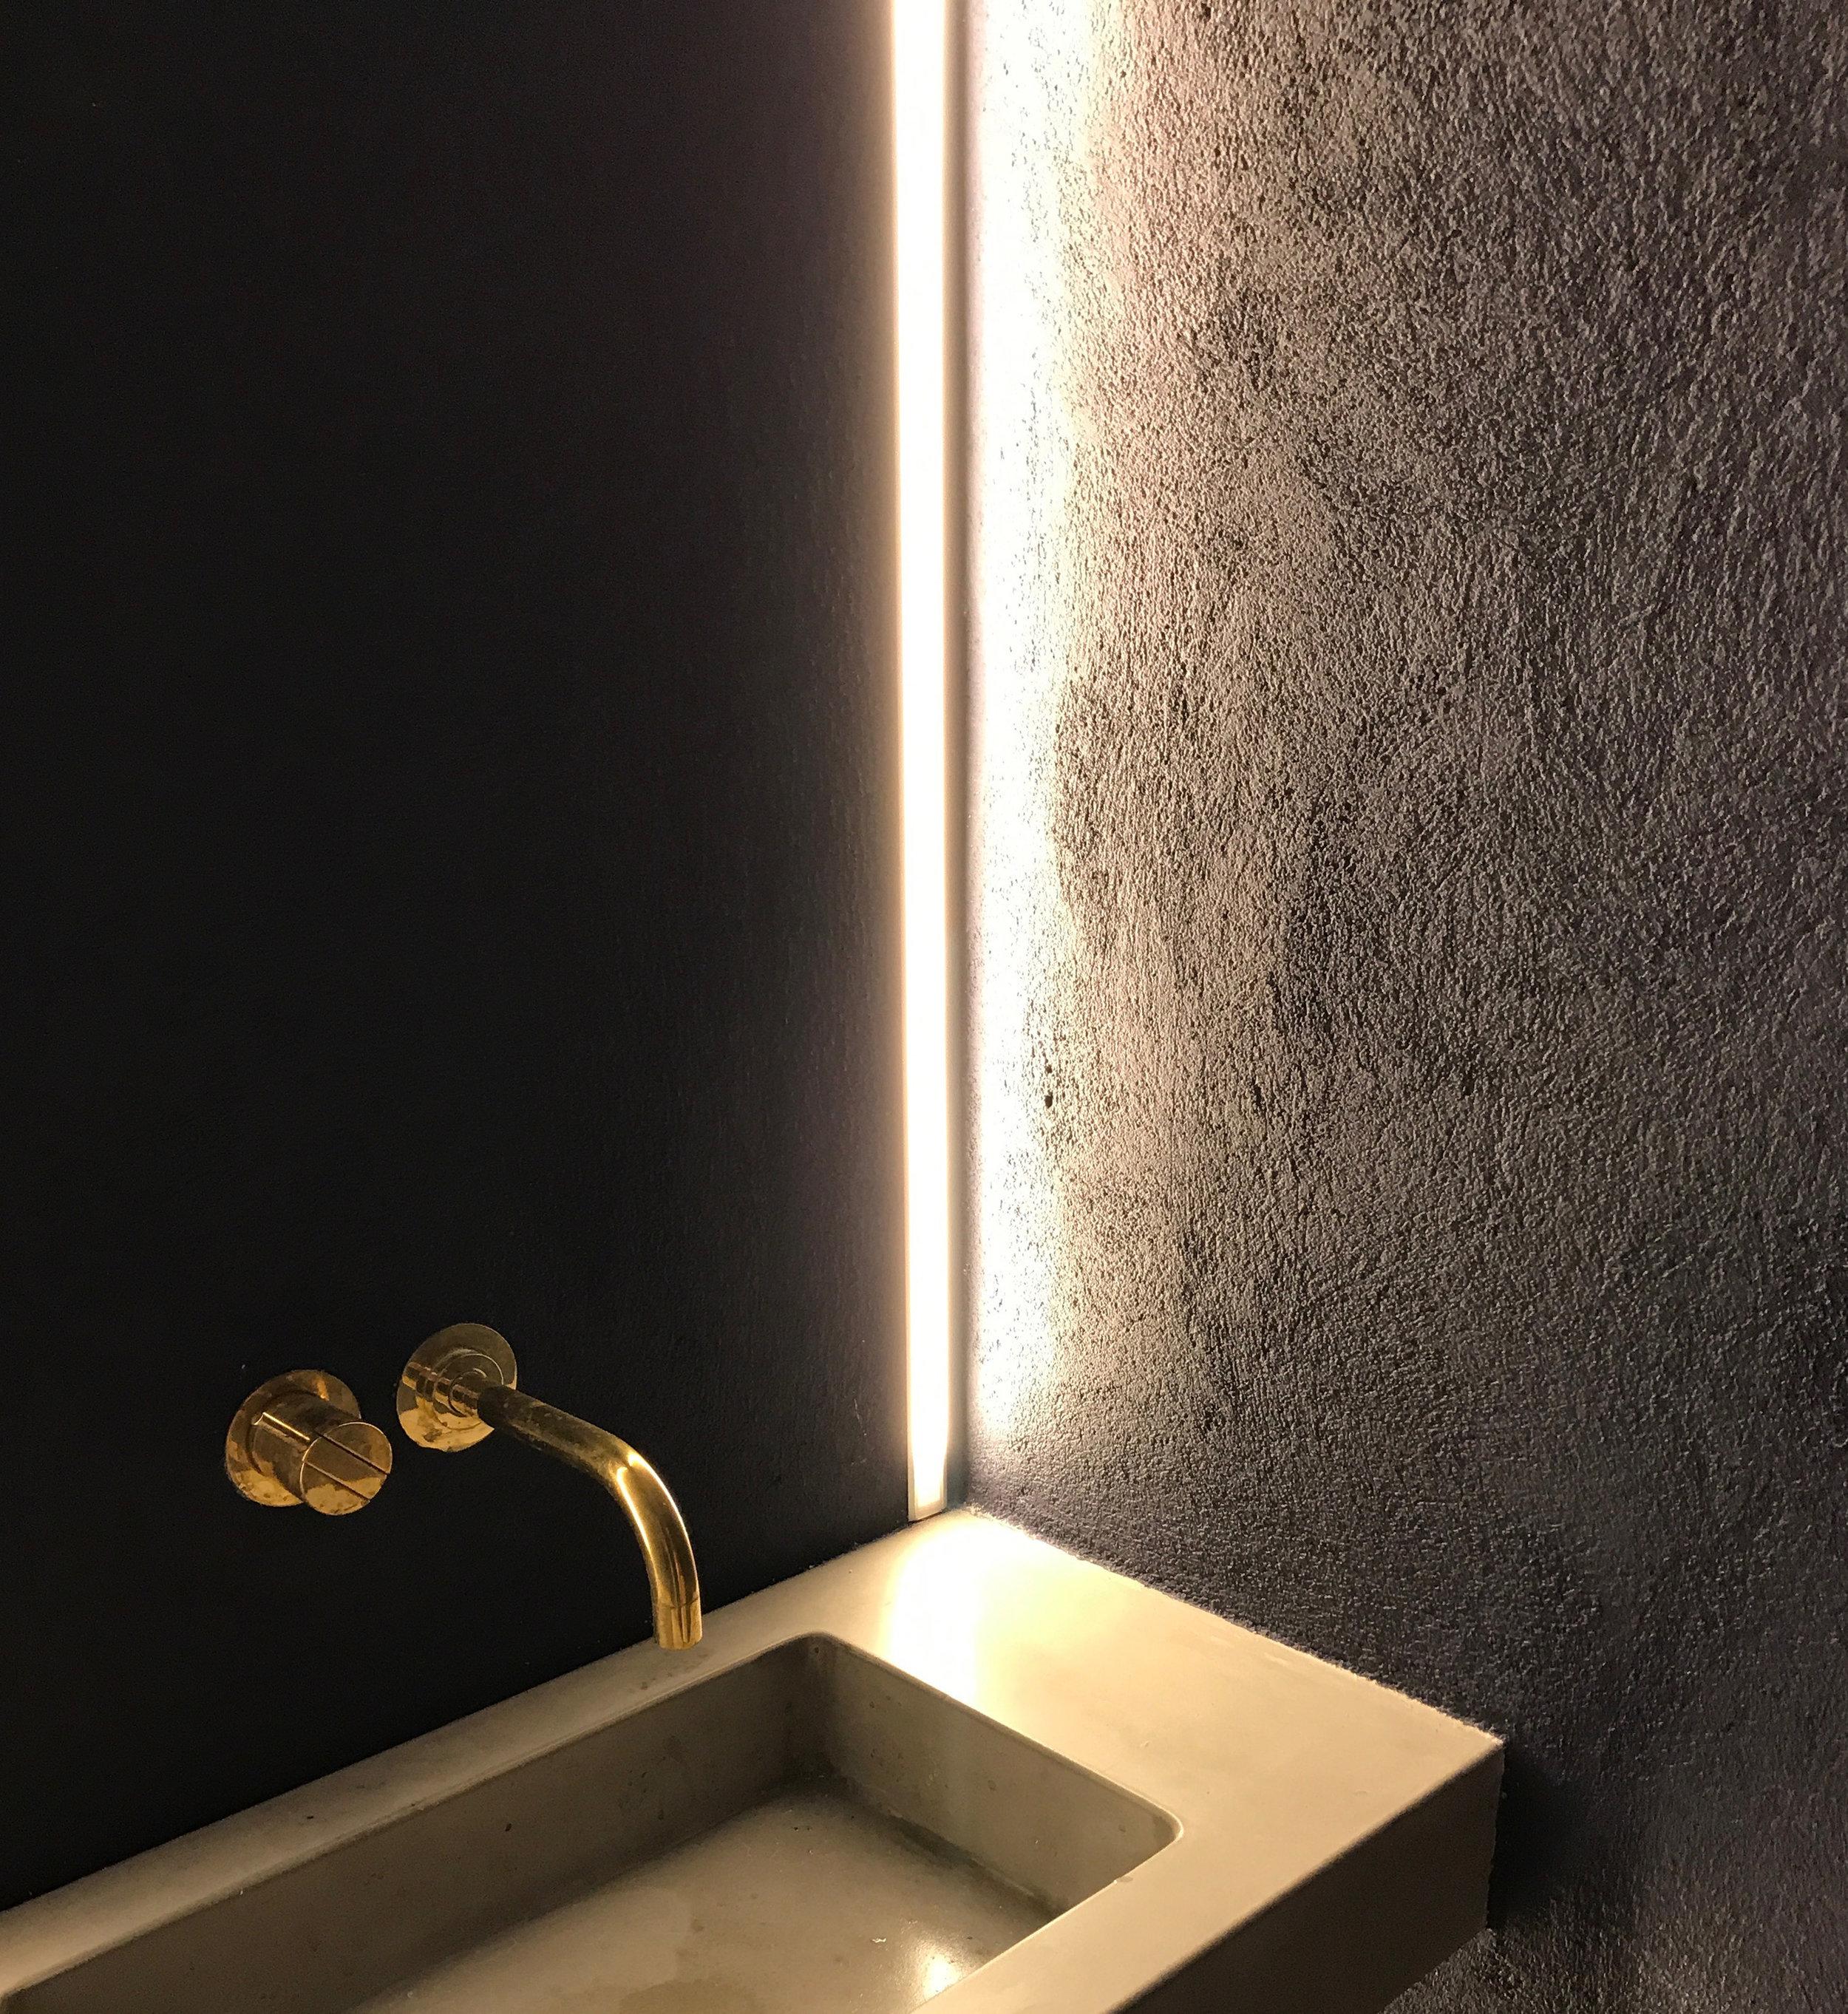 ODKM Bathroom Sneak Peek.jpg